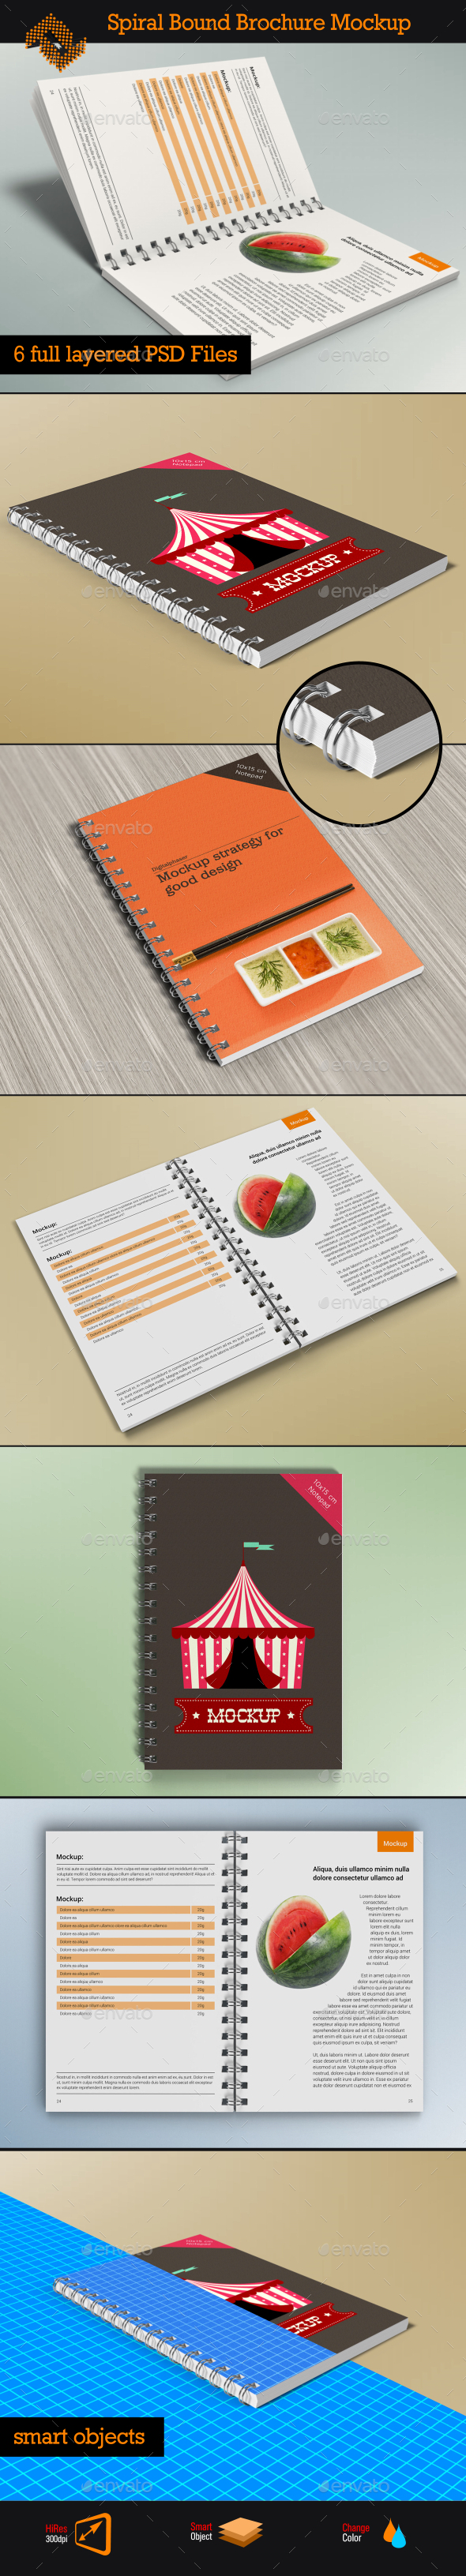 Spiral Bound Brochure / Notepad Mockup - Brochures Print